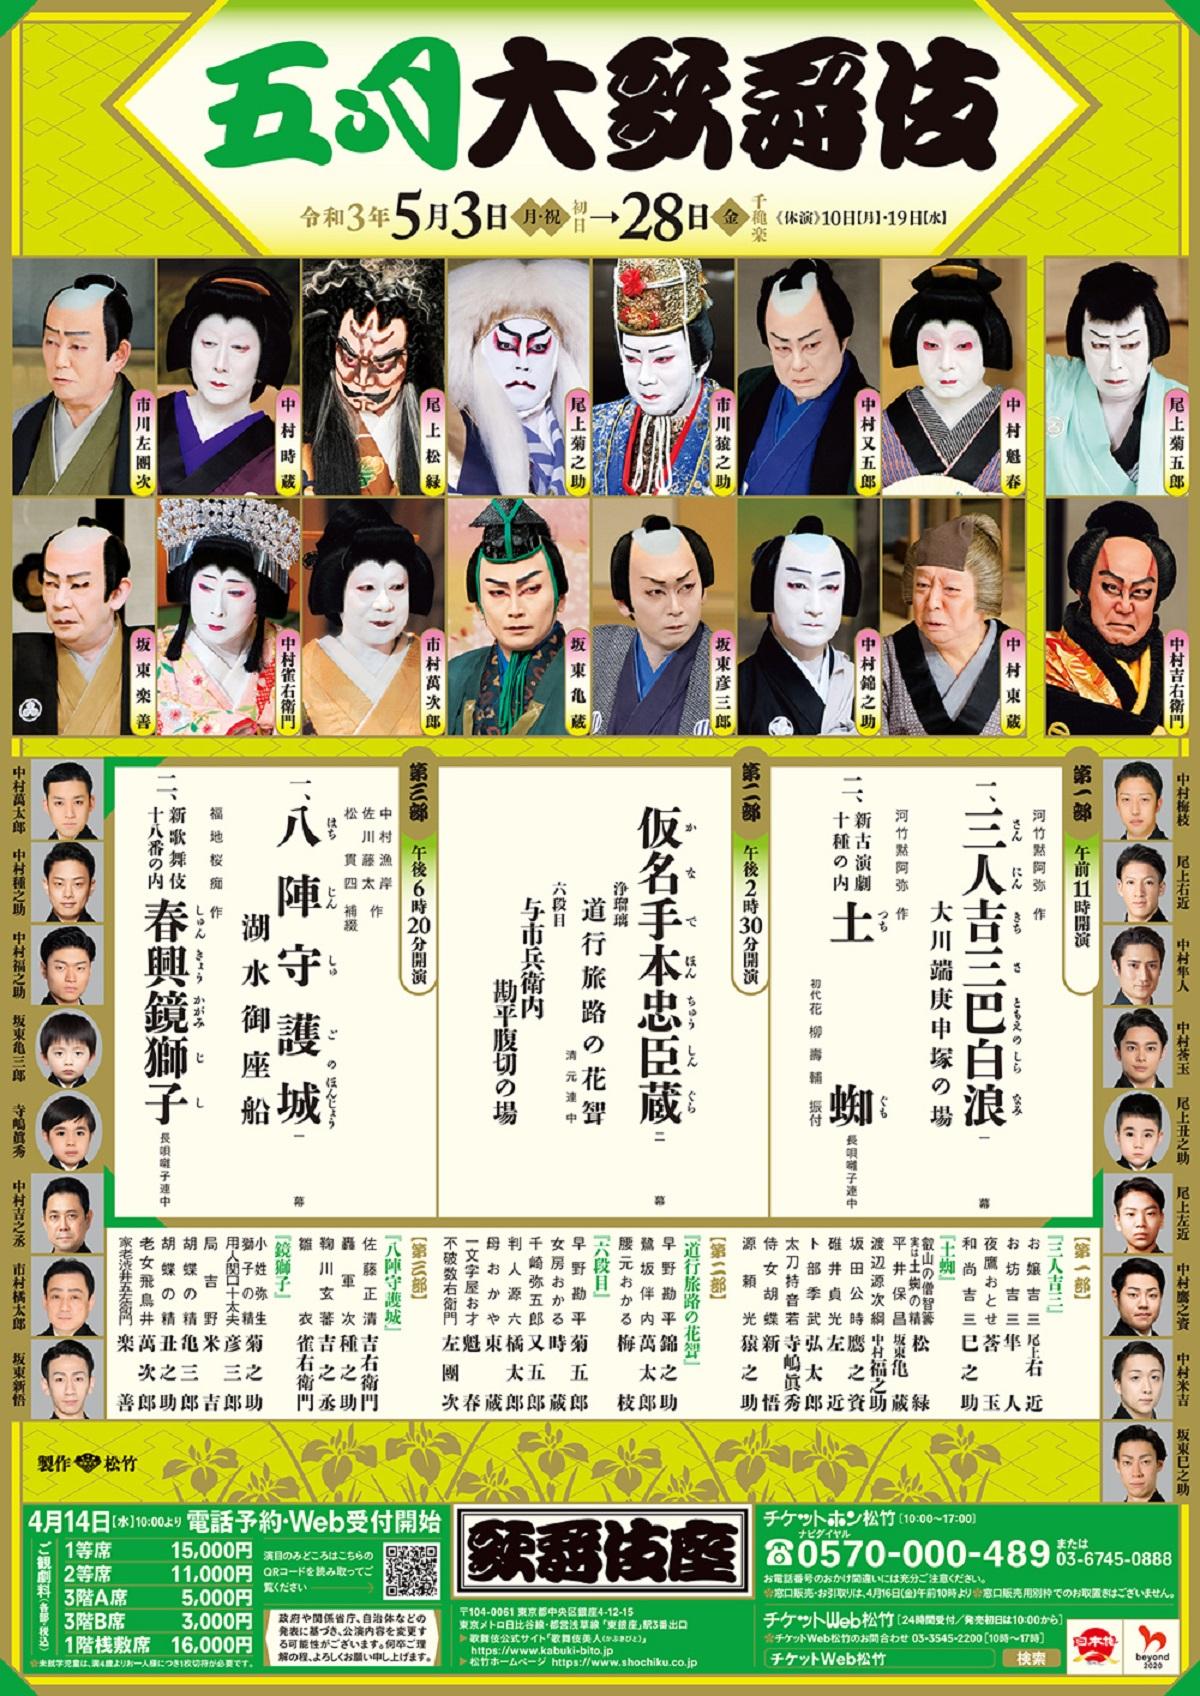 歌舞伎座五月公演チラシポスター